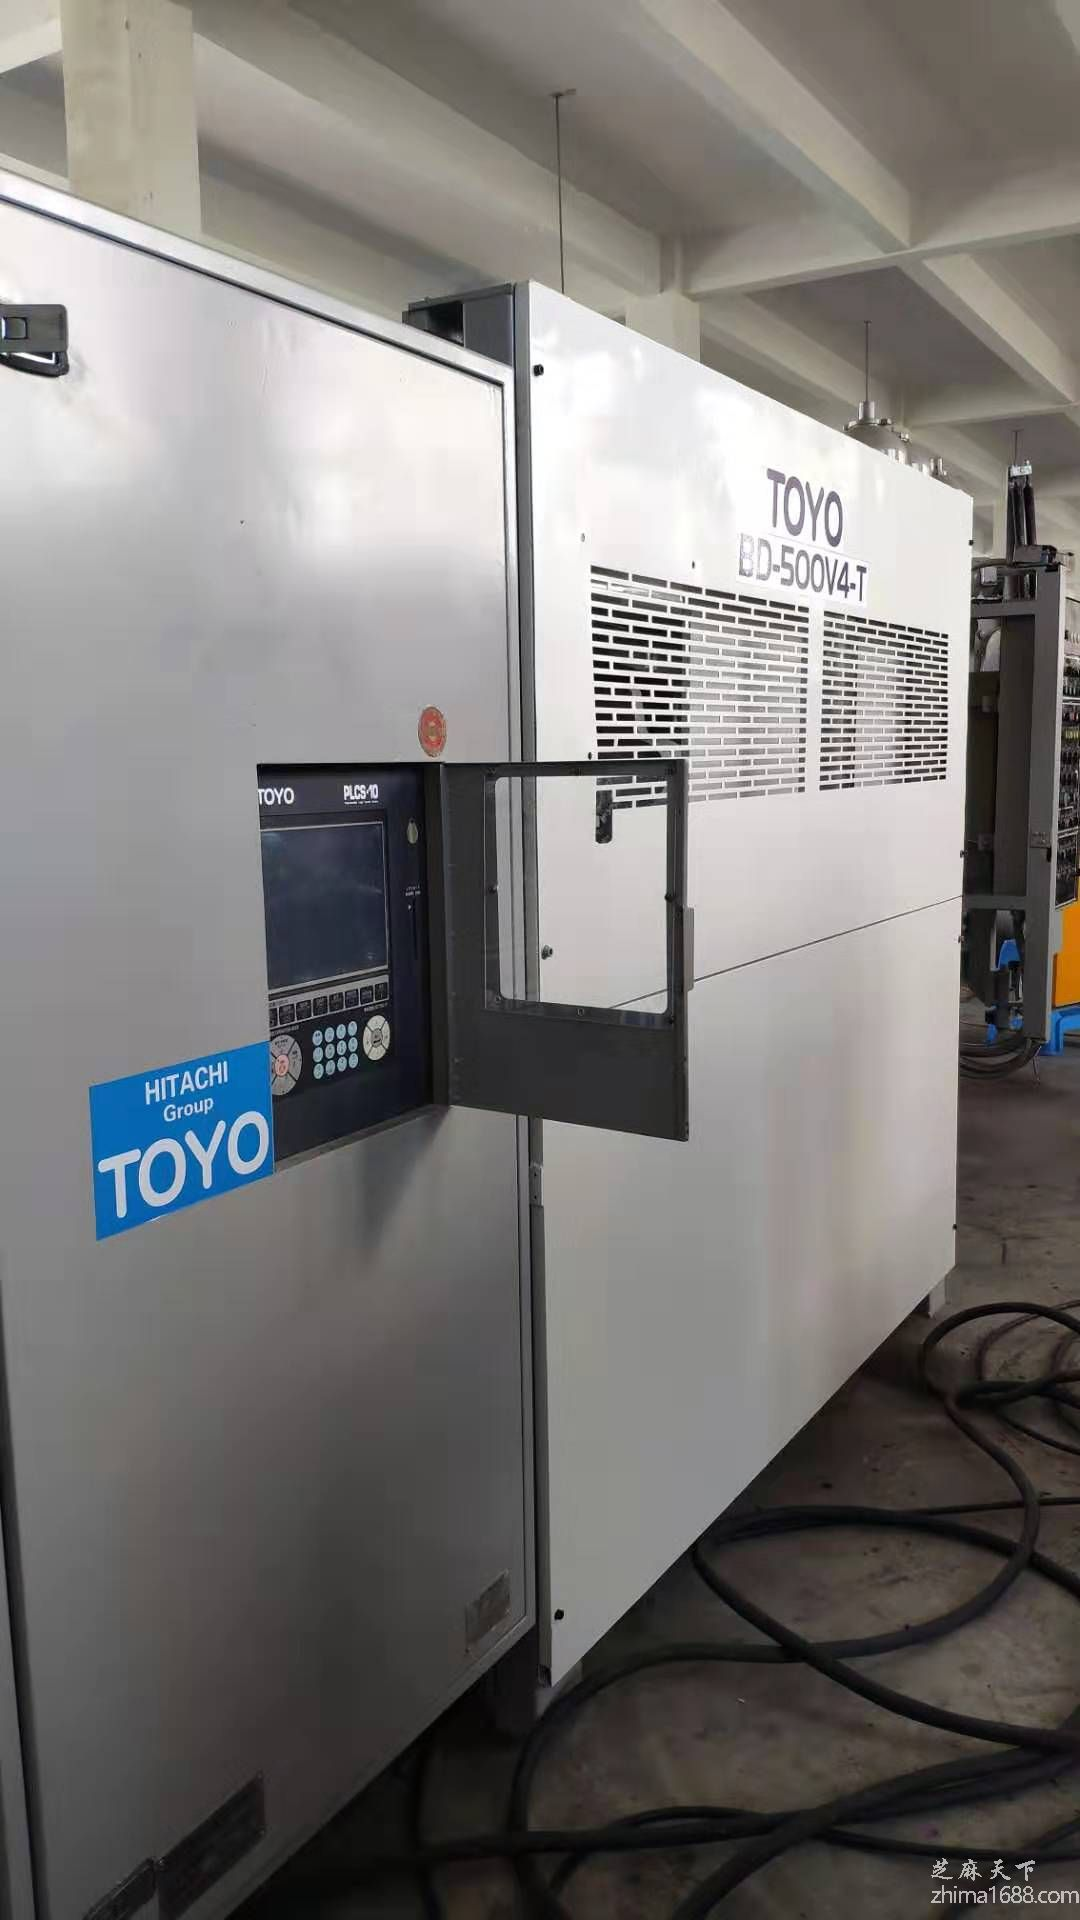 二手日本TOYO BD-500V4-T压铸机